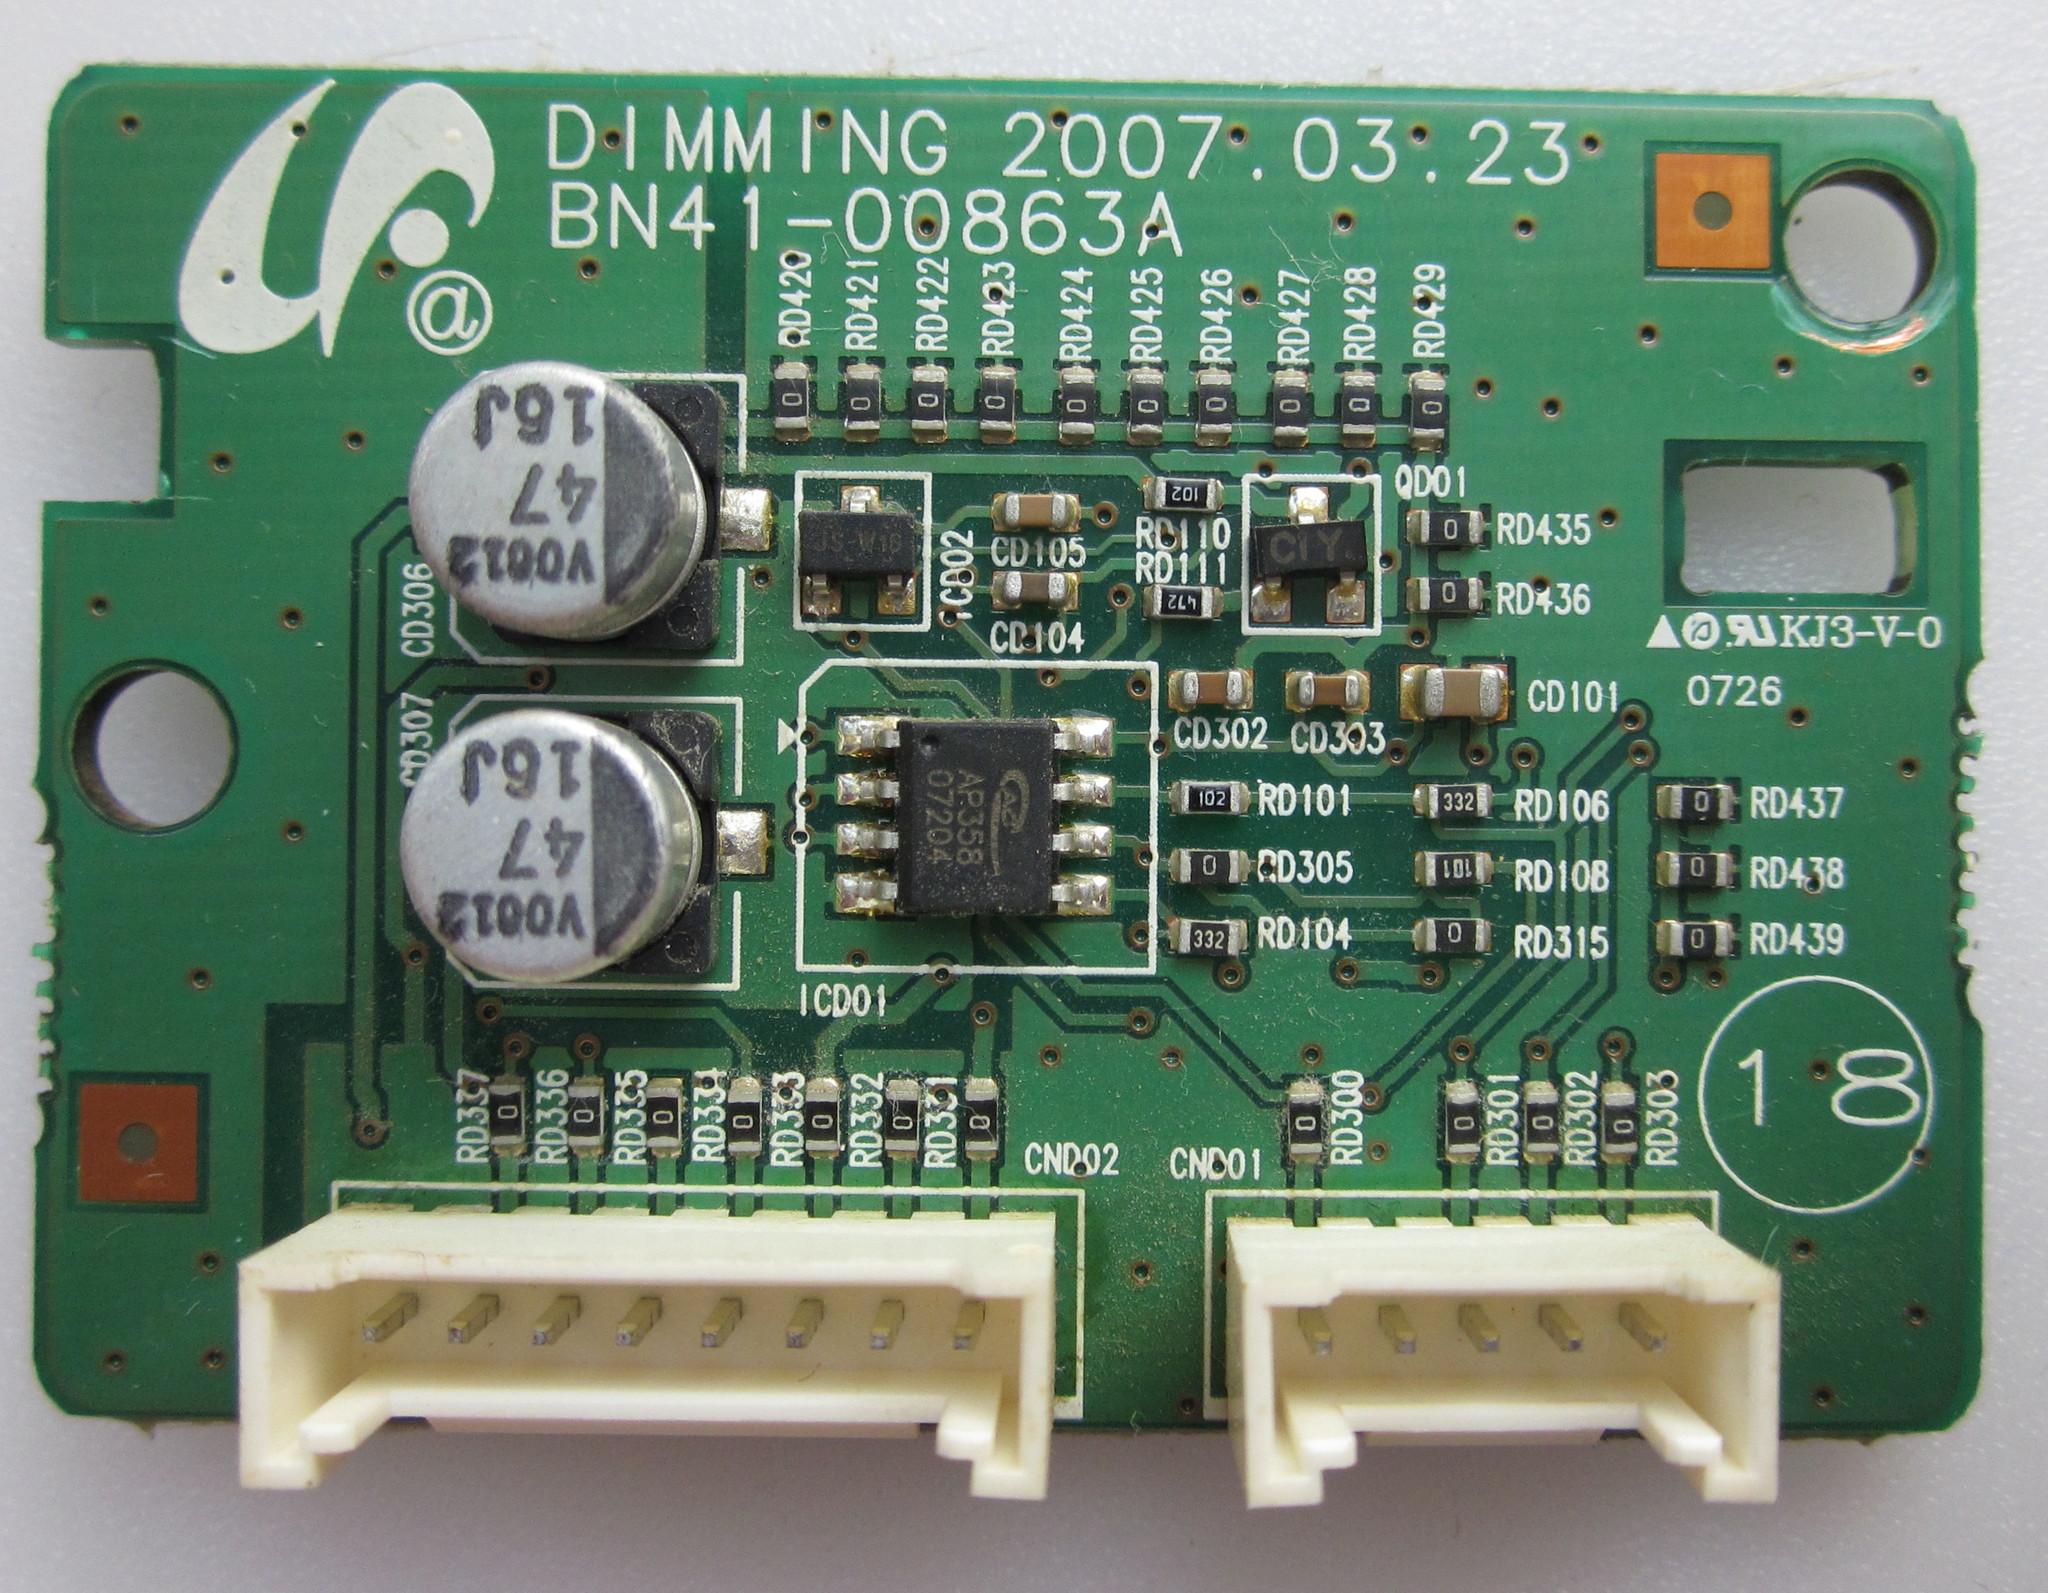 BN41-00863A